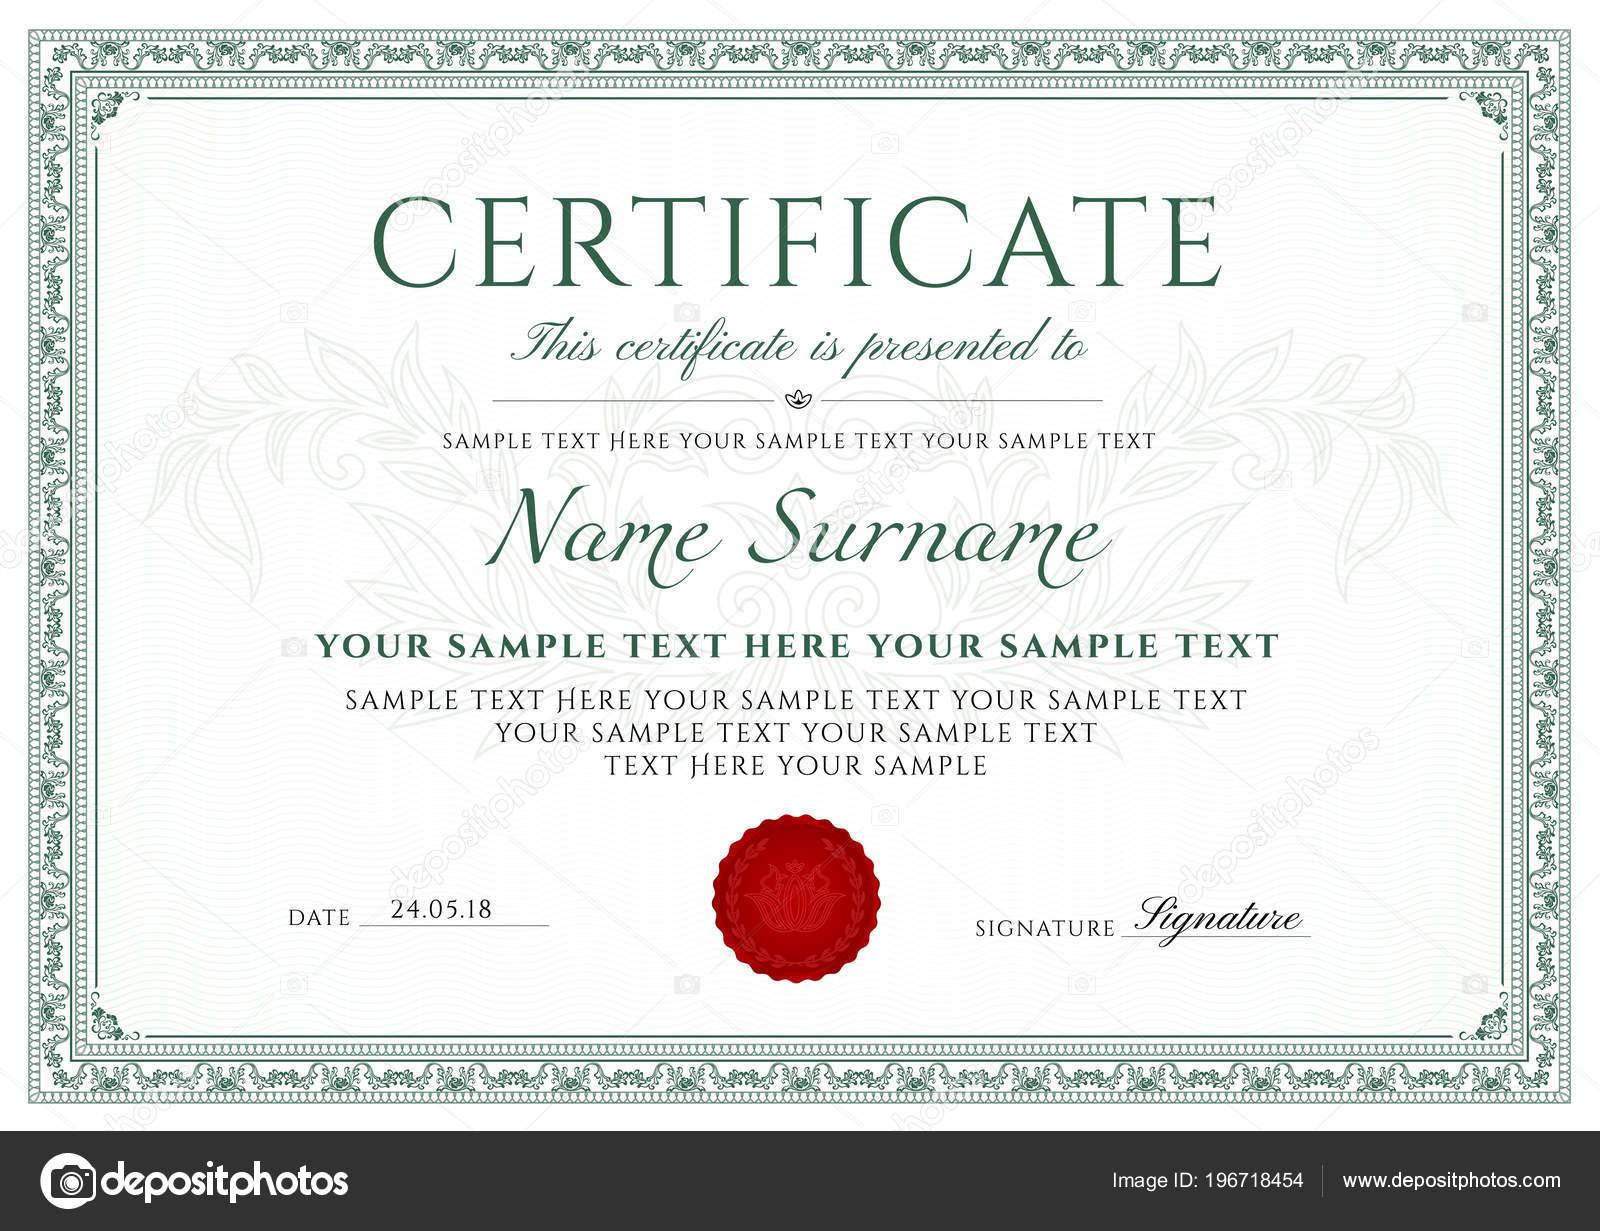 Zertifikat Abschlusszeugnis Entwurfsvorlage Weißer Hintergrund Mit ...